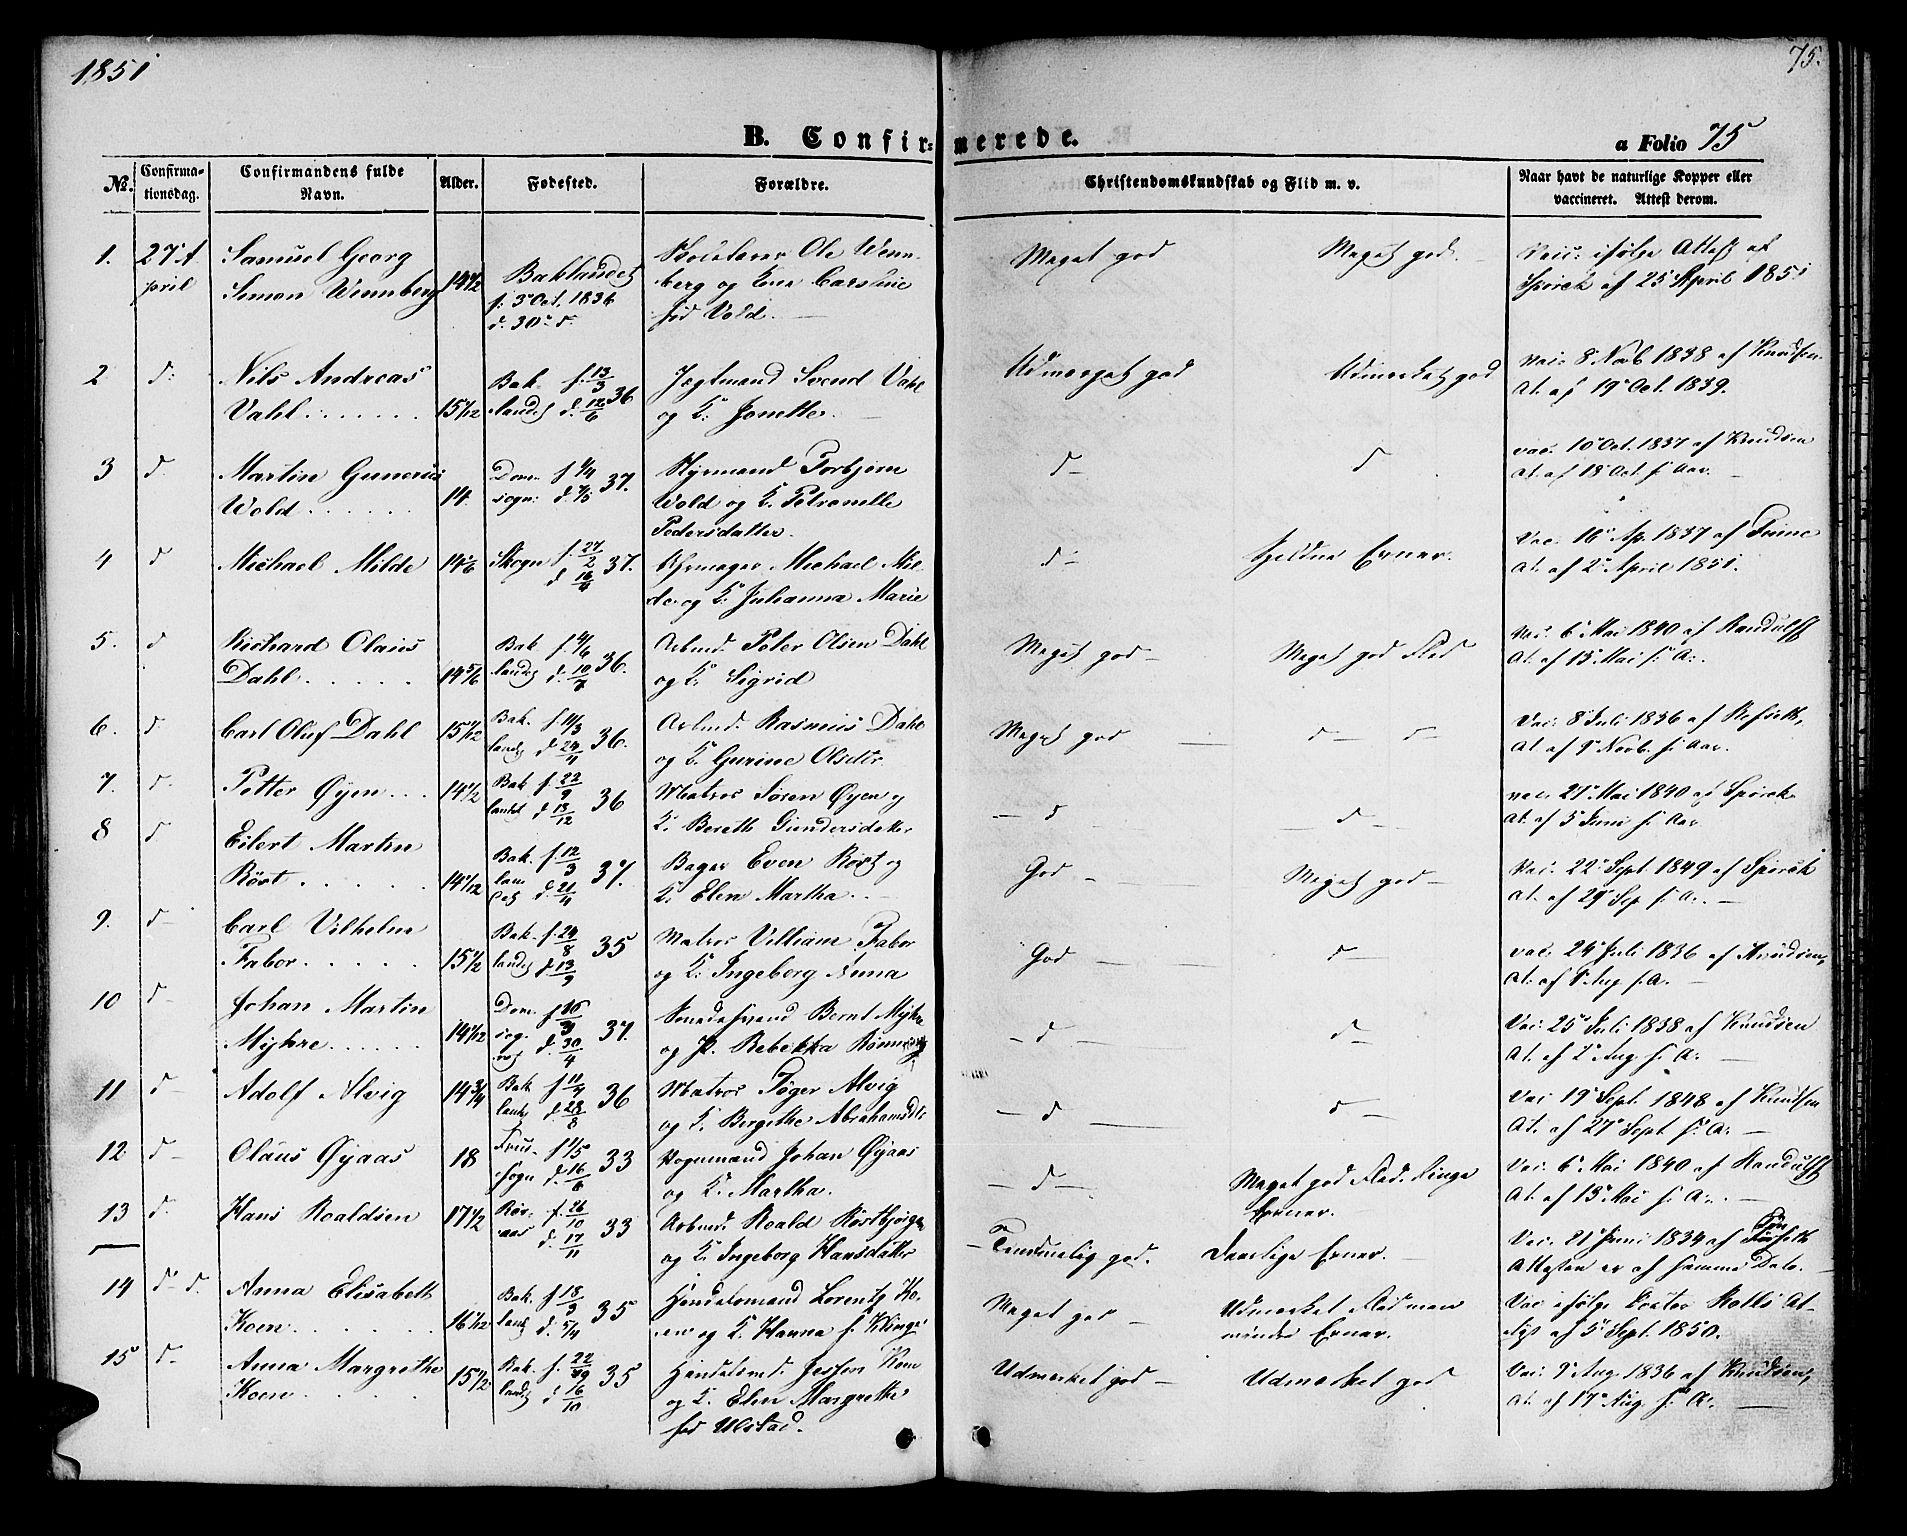 SAT, Ministerialprotokoller, klokkerbøker og fødselsregistre - Sør-Trøndelag, 604/L0184: Ministerialbok nr. 604A05, 1851-1860, s. 75